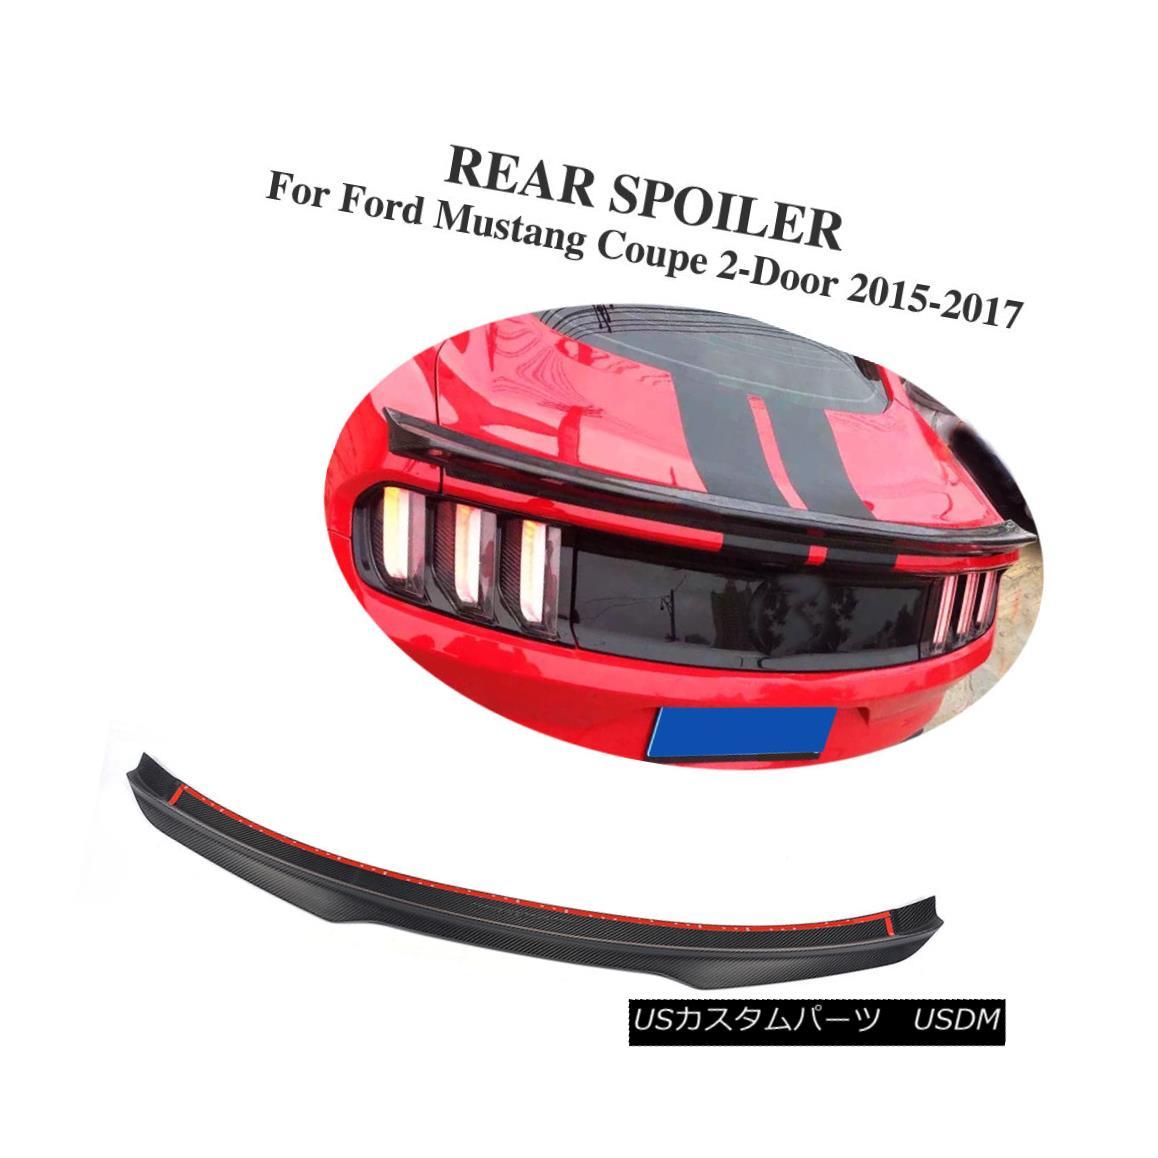 エアロパーツ Carbon Fiber Tail Trunk Spoiler Wing Fit for Ford Mustang GT Shelby GT350 Coupe Ford Mustang GT Shelby GT350クーペ用カーボンファイバーテールトランクスポイラーウイングフィット